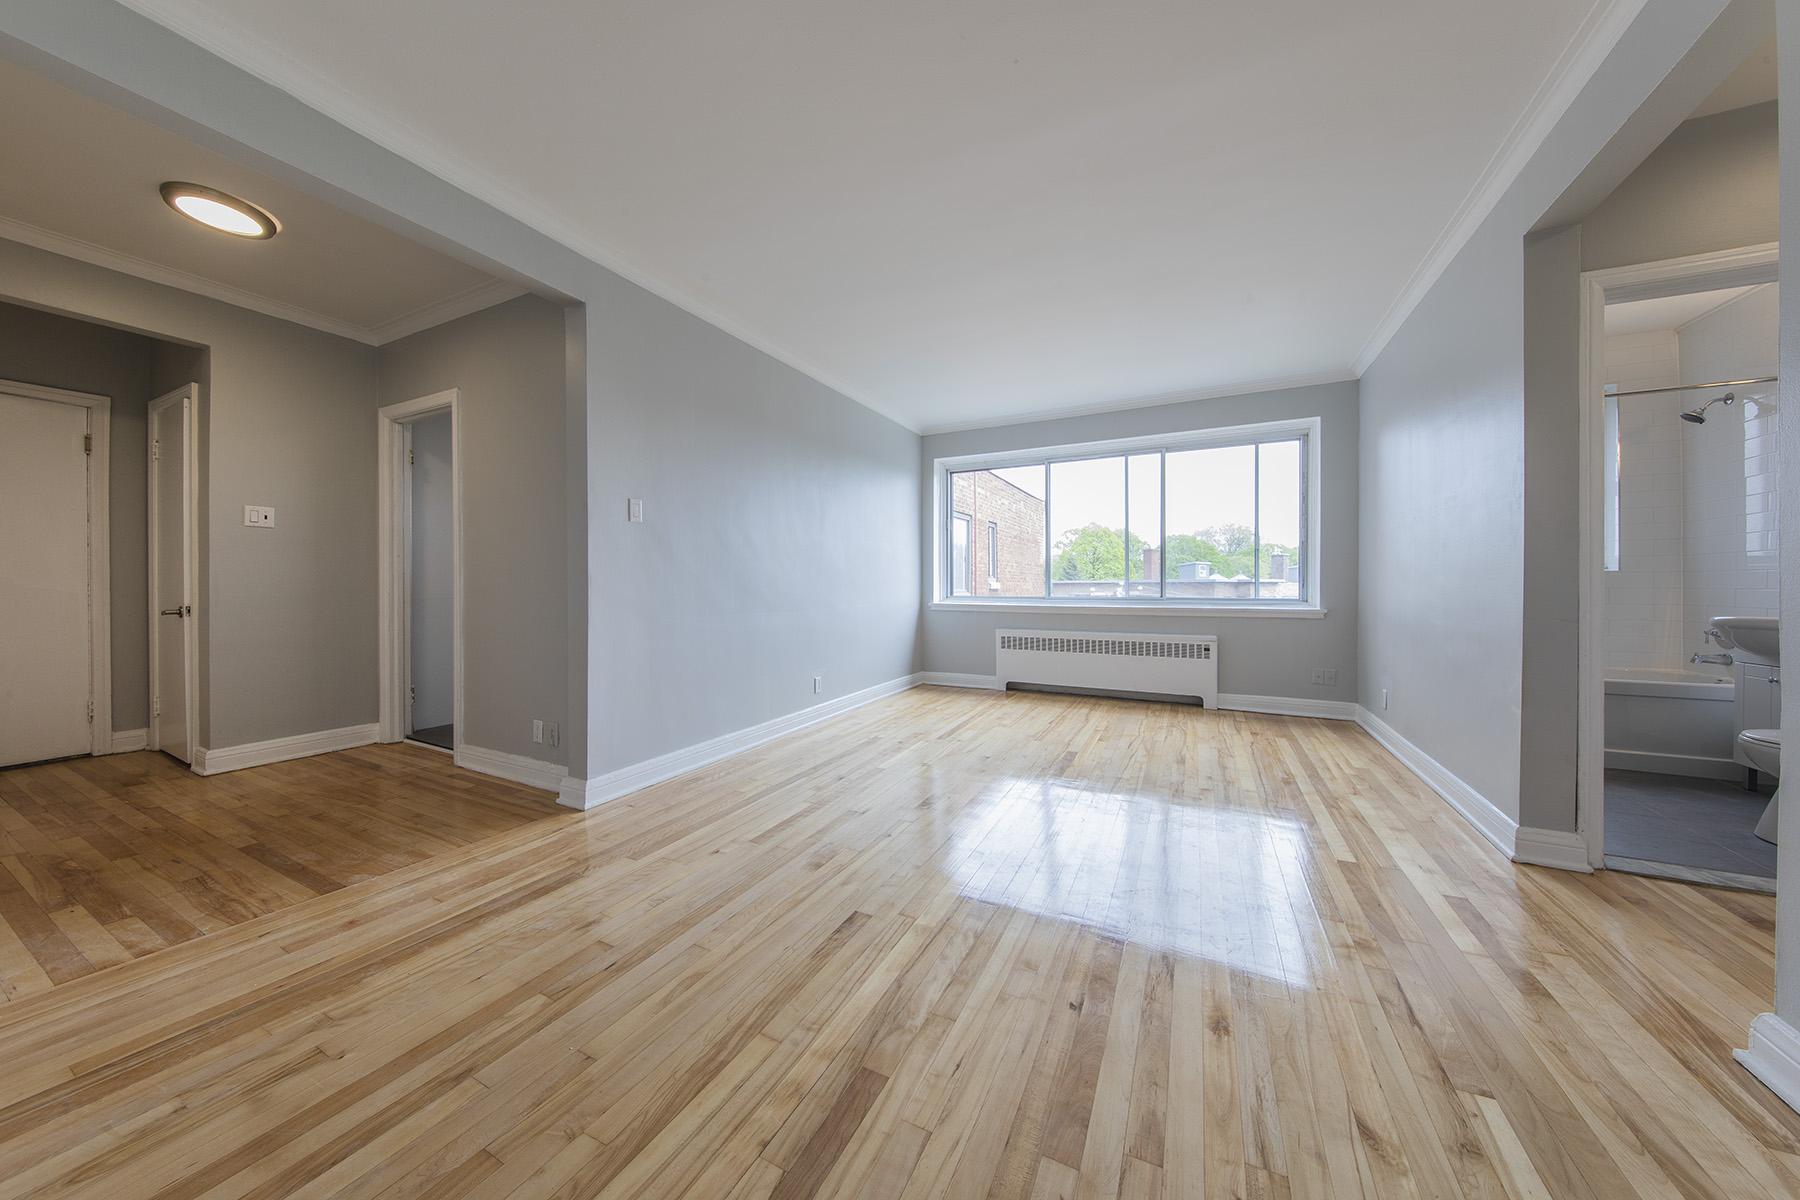 Appartement Studio / Bachelor a louer à Notre-Dame-de-Grâce a 6325 Somerled - Photo 03 - TrouveUnAppart – L401539